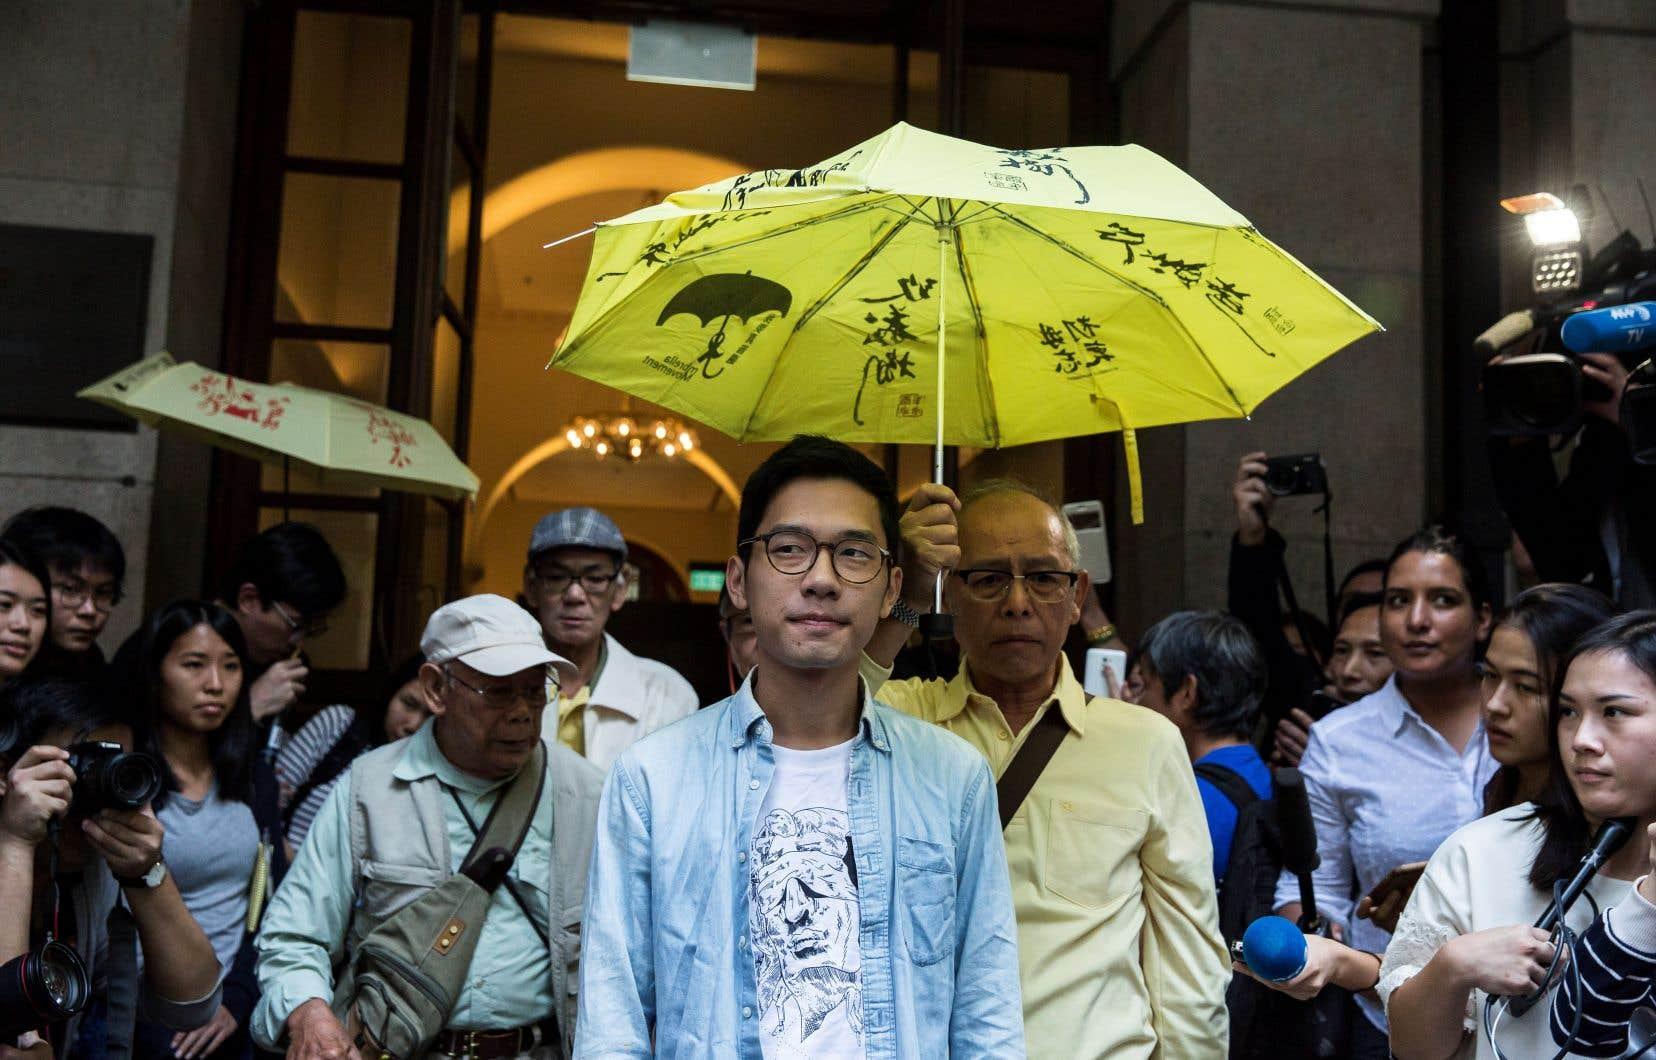 L'activiste Nathan Law, photographié en octobre 2017, s'est enfui jeudi de Hong Kong par crainte d'être arrêté par les forces de l'ordre.